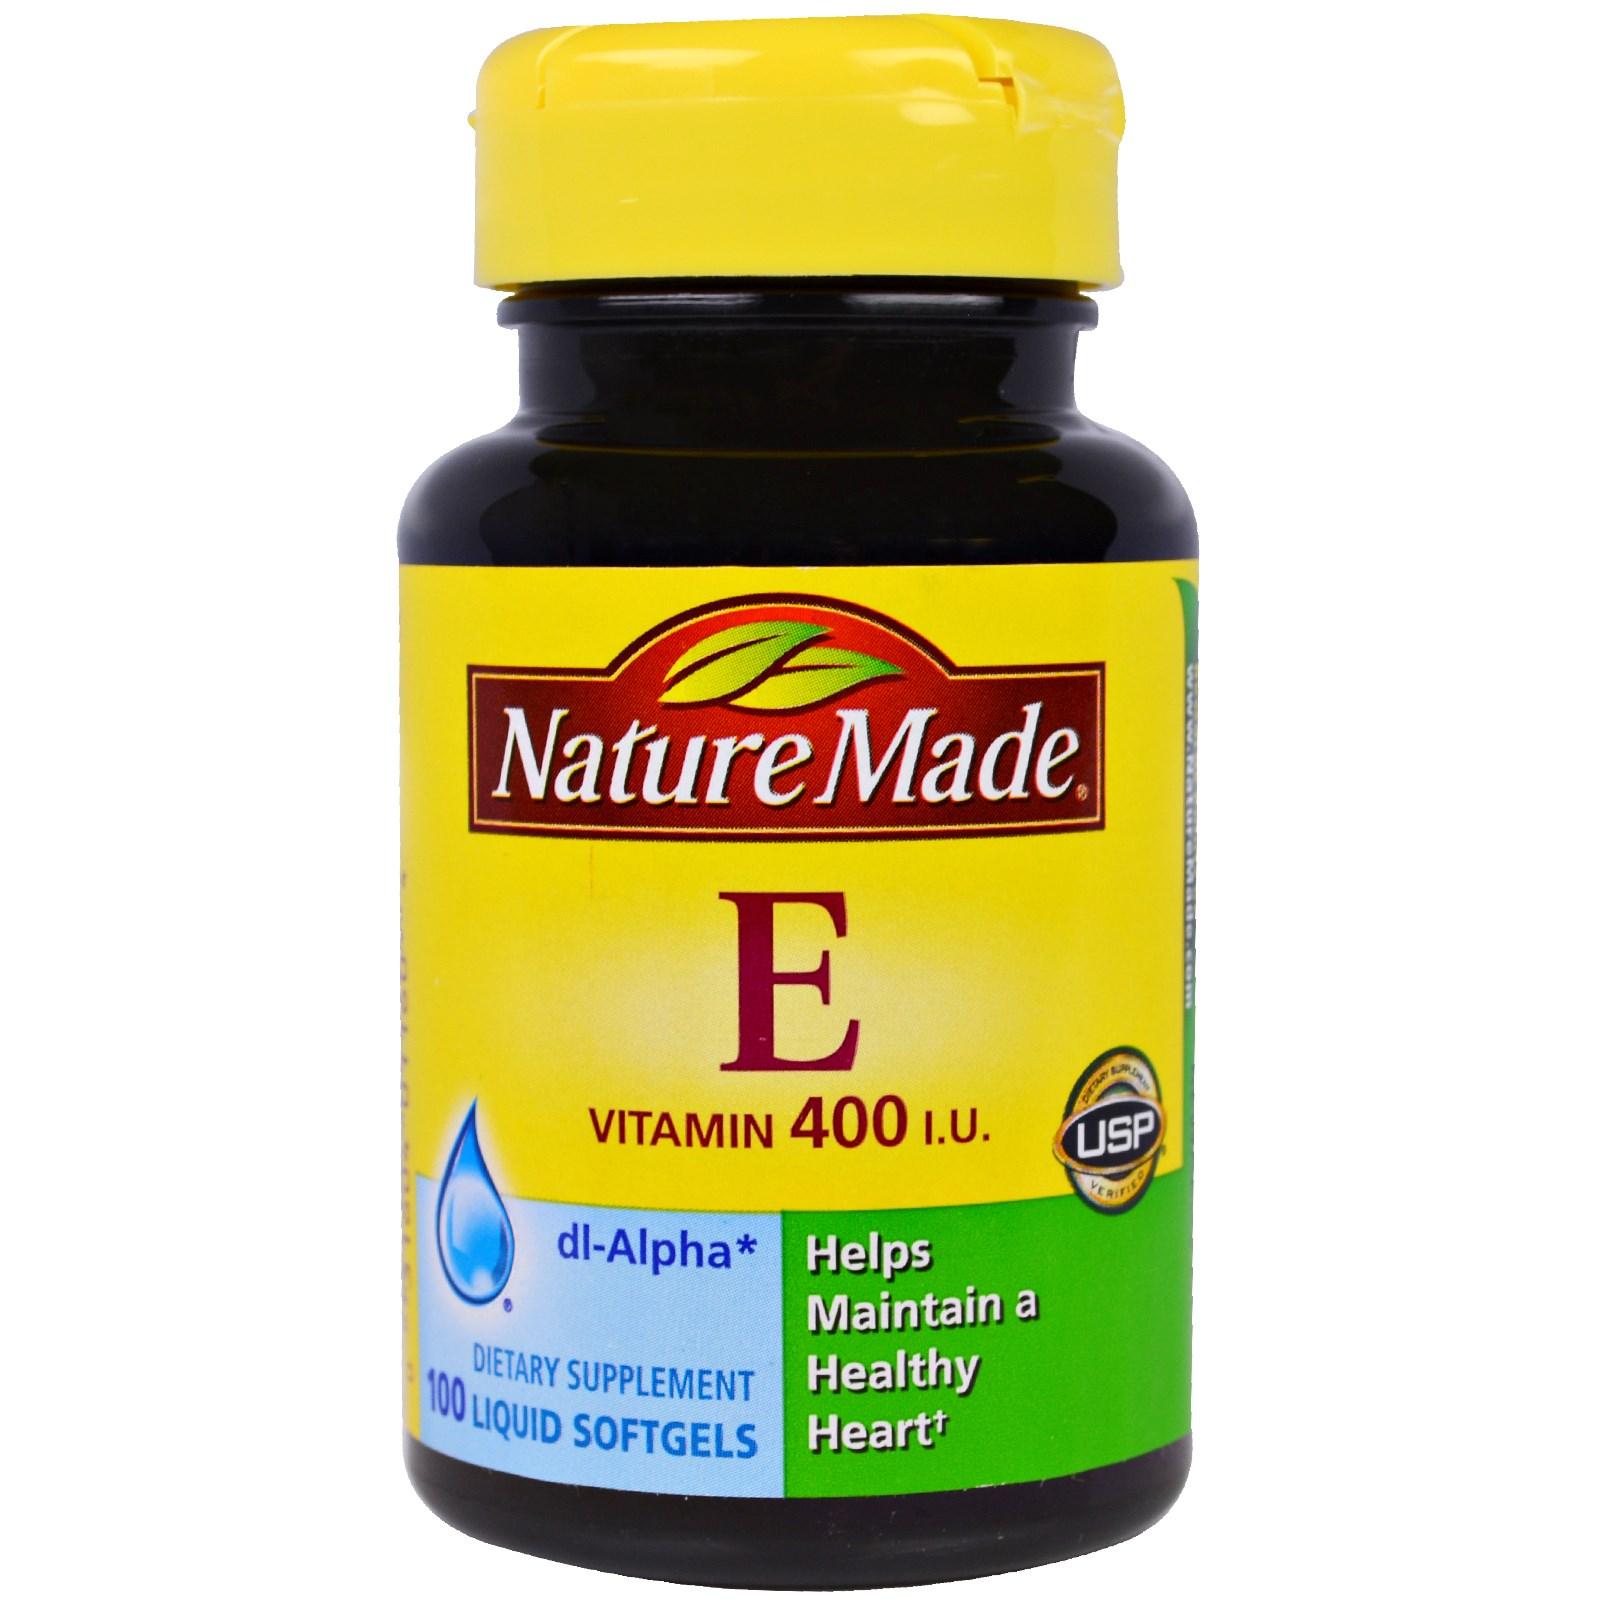 Nature Made Iu D